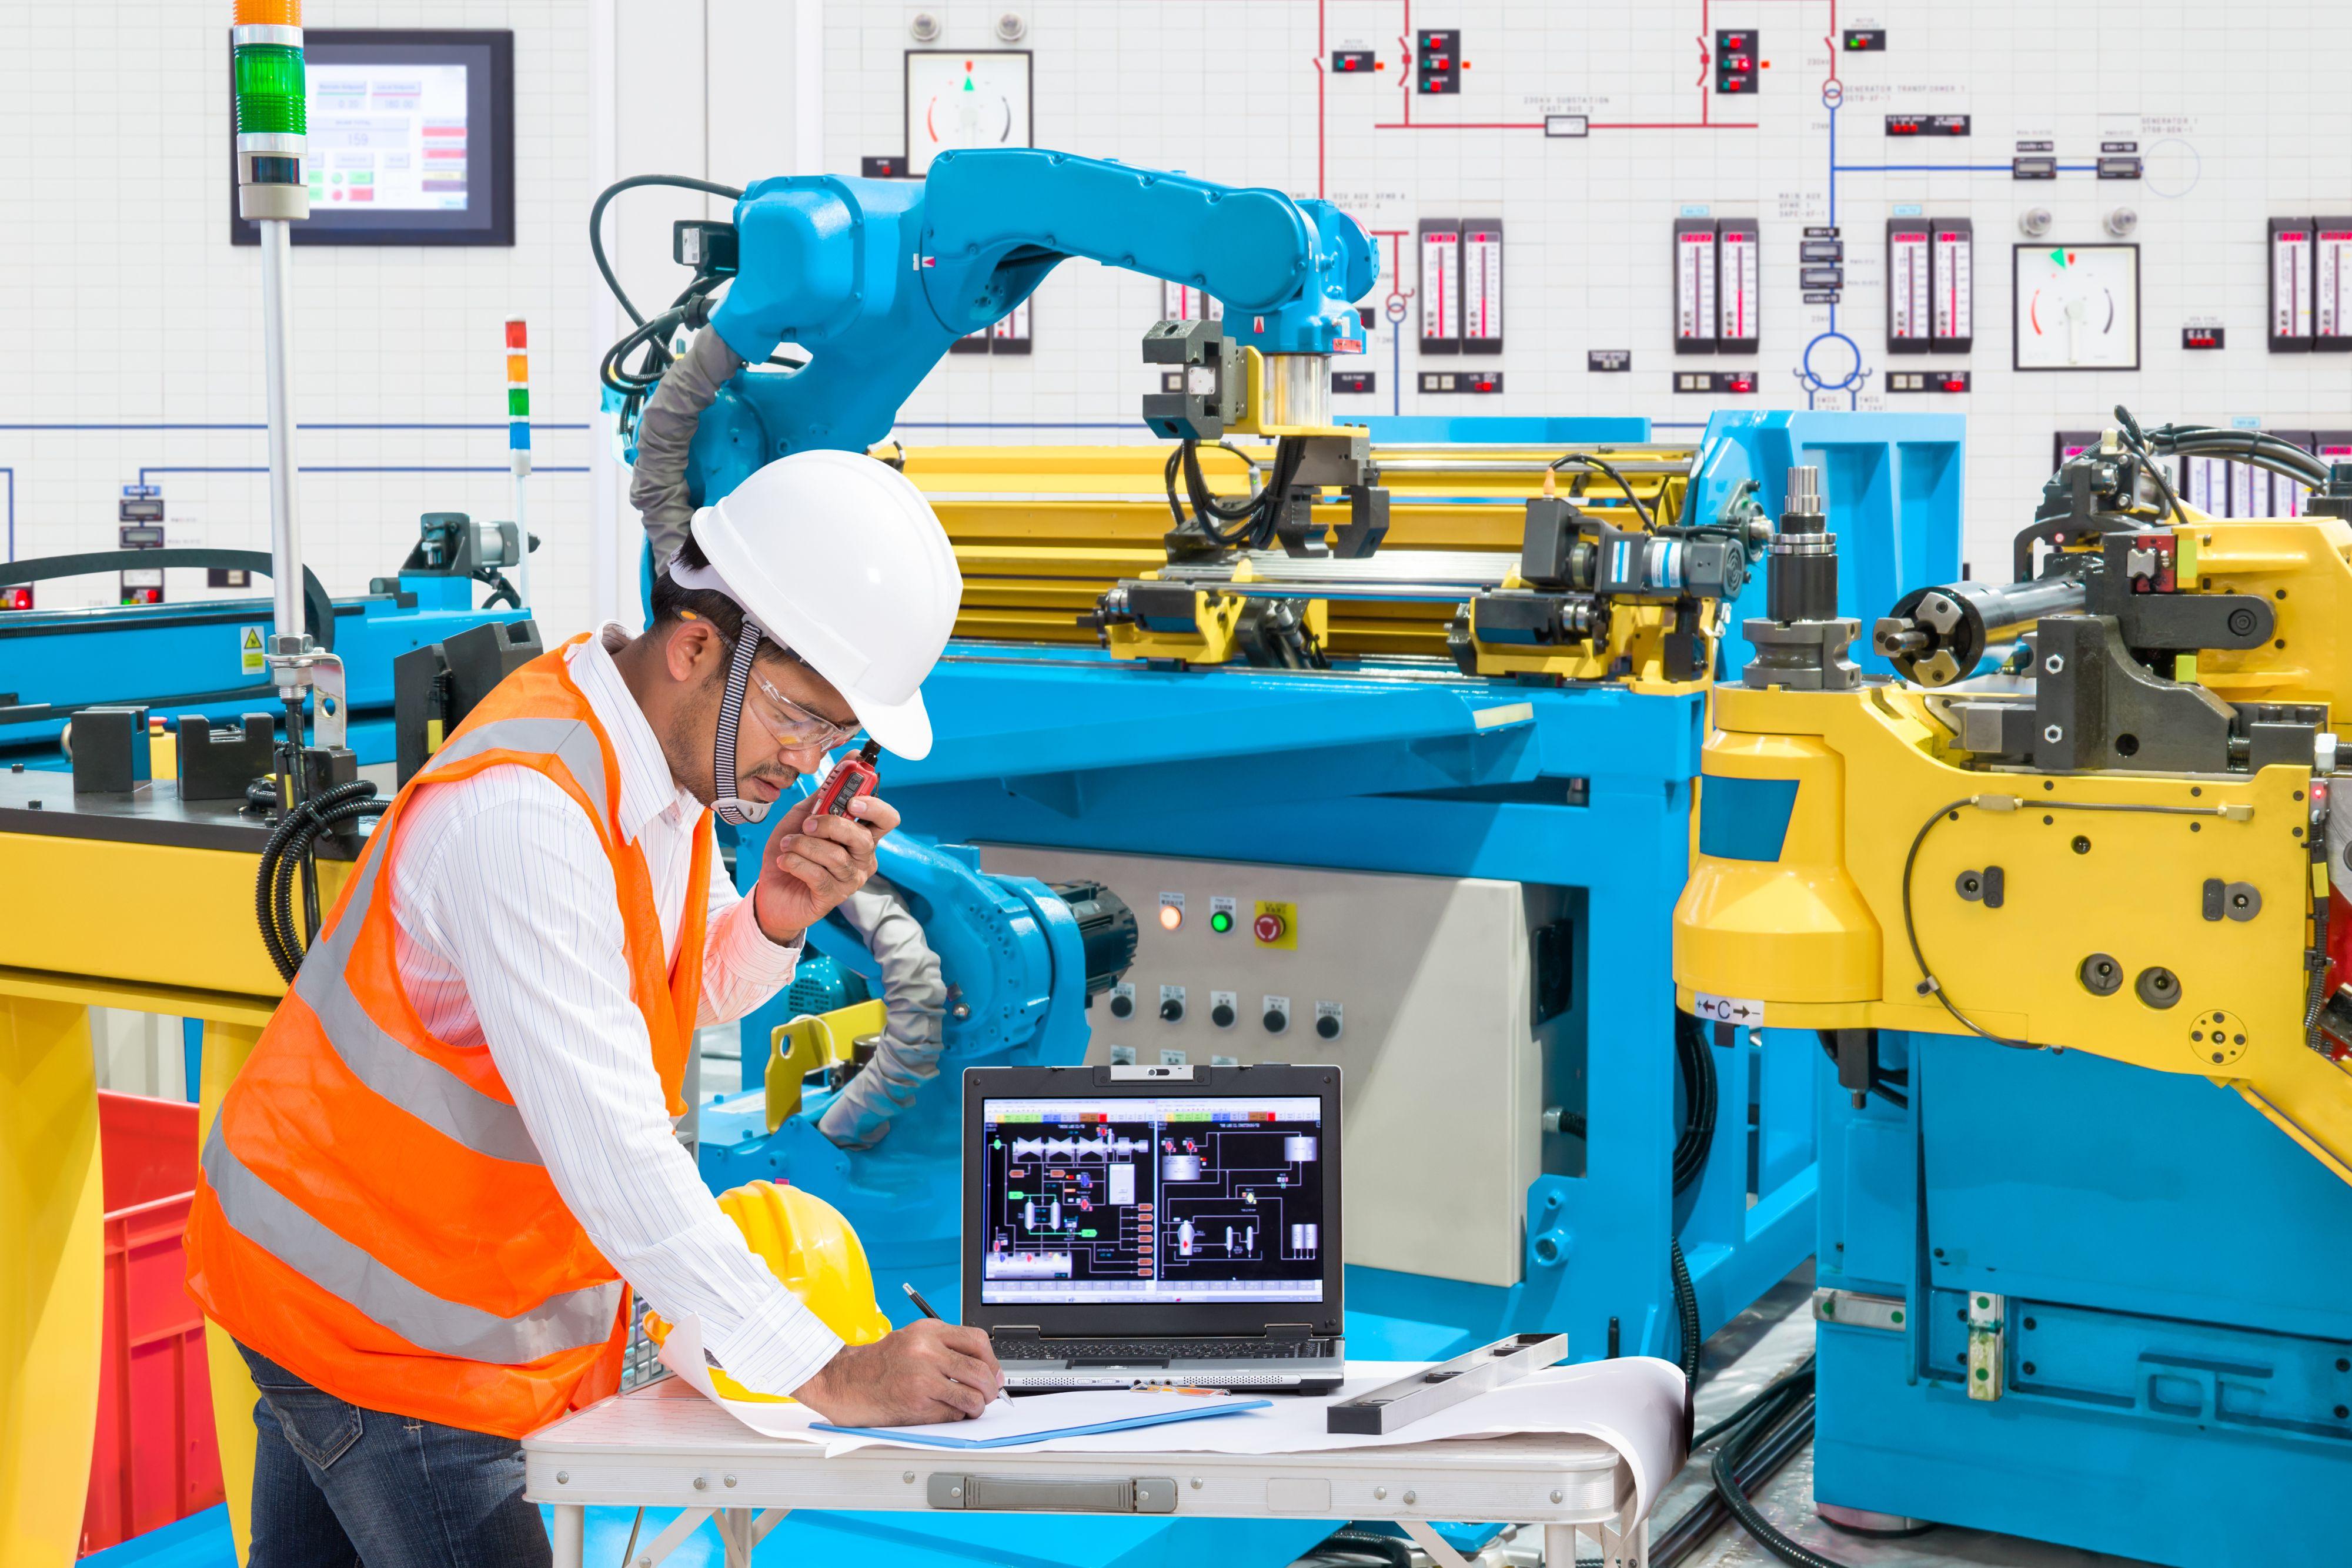 Przemysł 4.0 potrzebuje wykwalifikowanych specjalistów, menedżerów, a tych brakuje (Fot. Shutterstock)